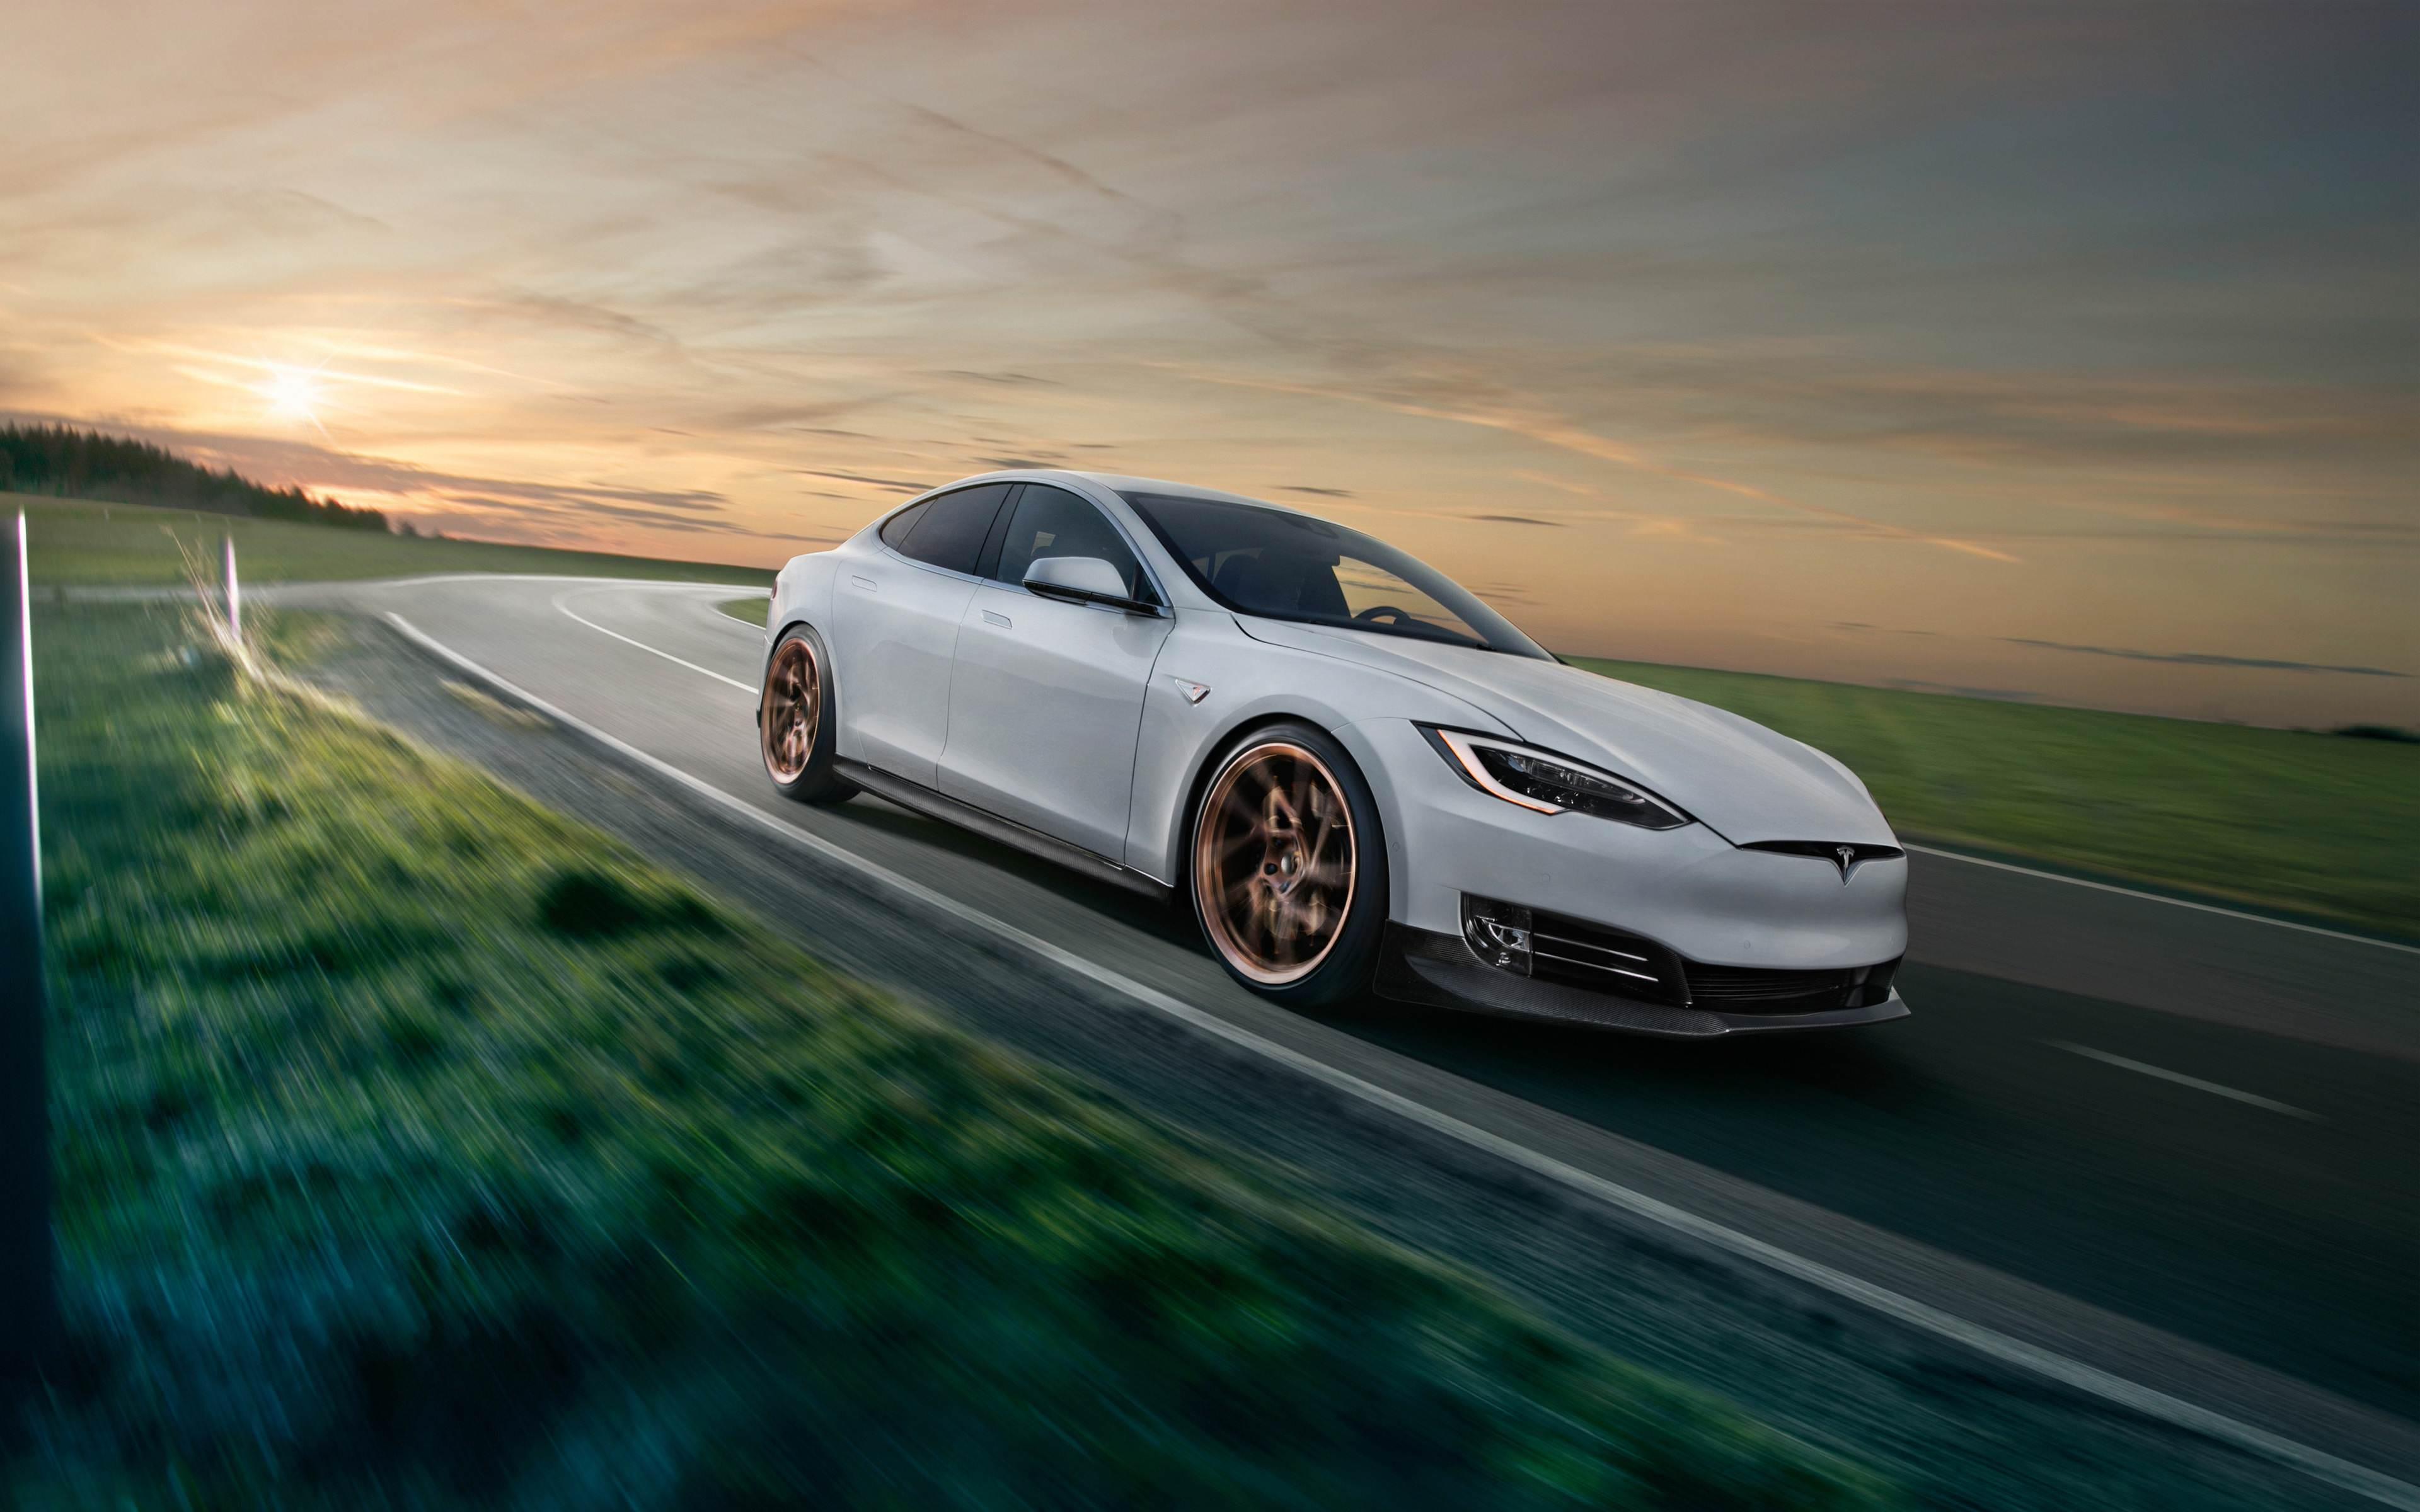 2018 Tesla Model S Wallpapers Wallpaper Cave